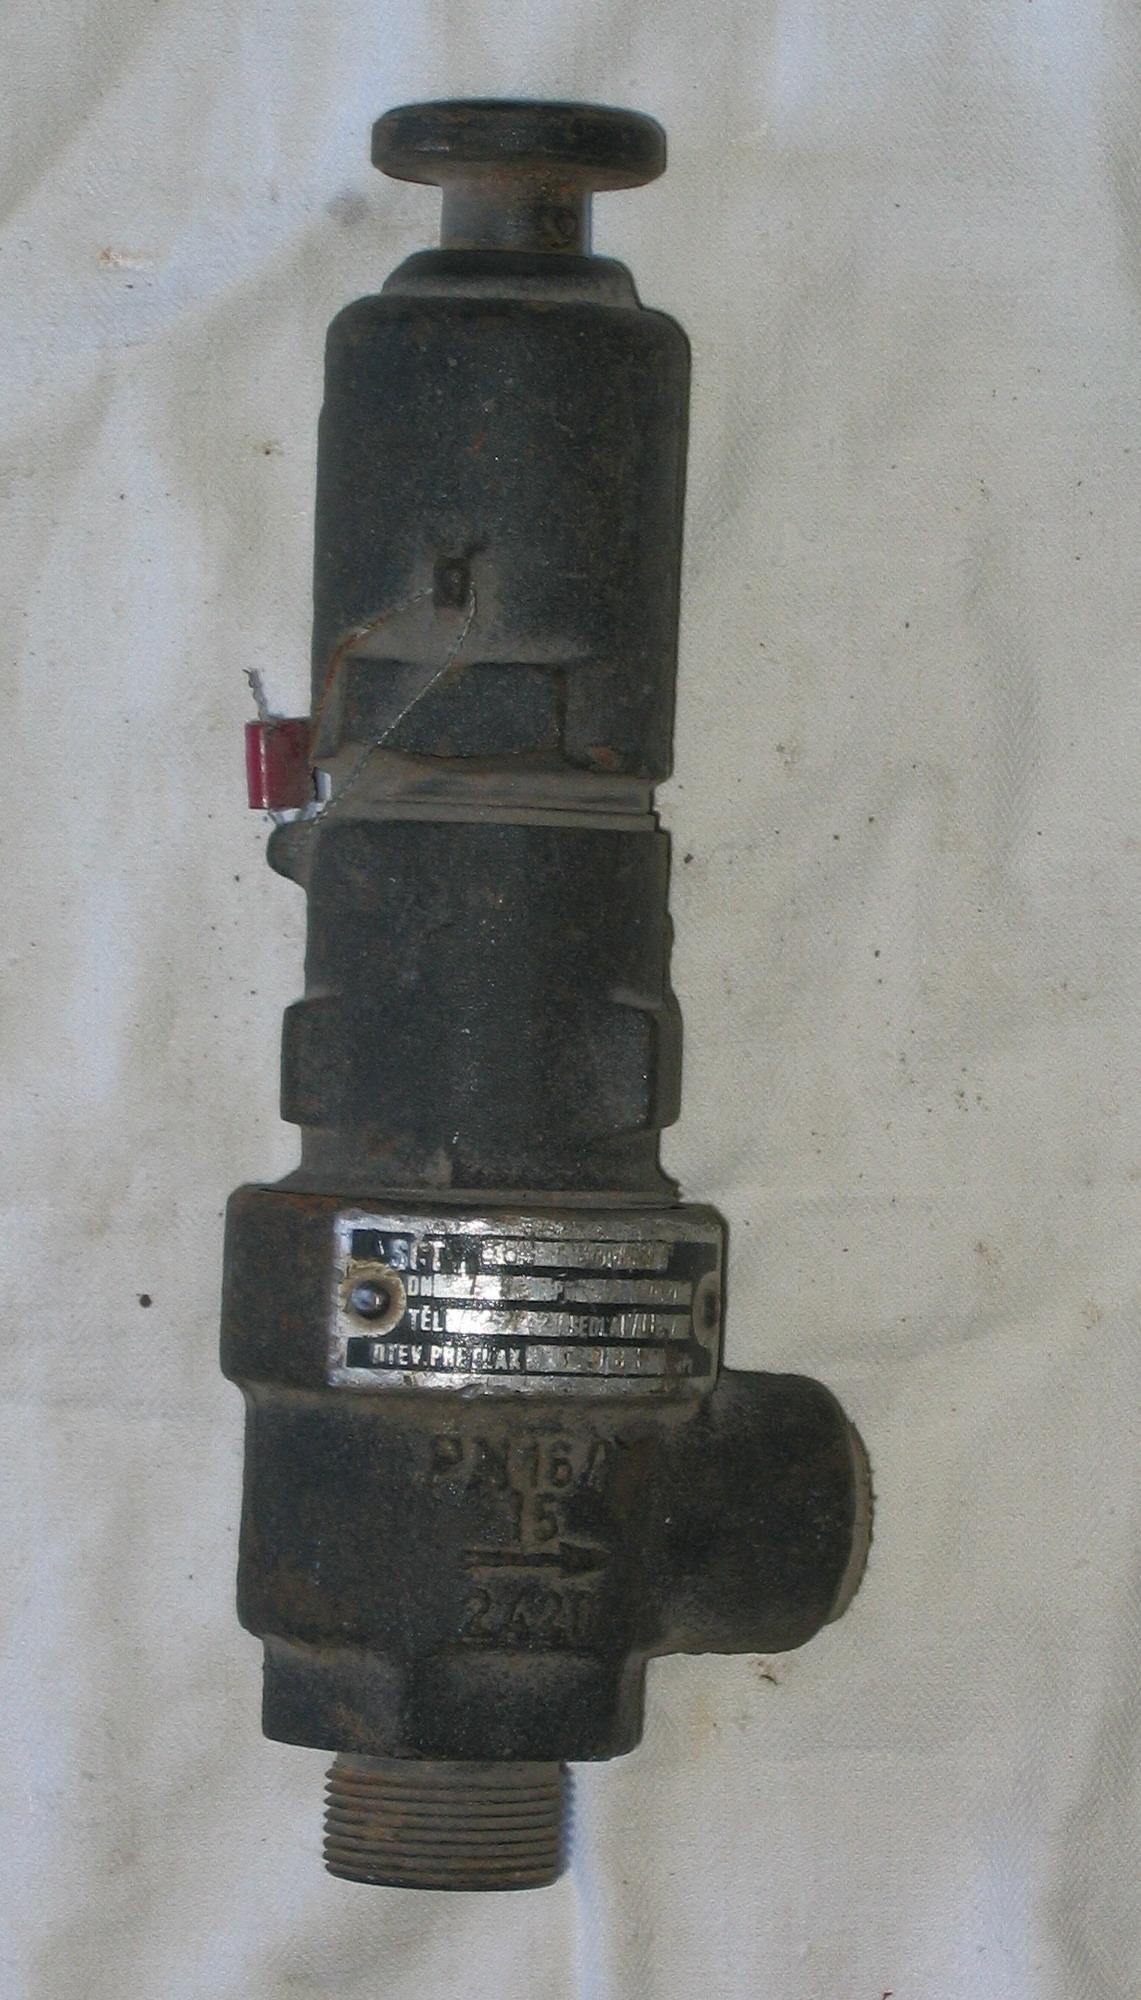 Клапан угл. чуг. имп. Ду-15 Ру-16 1